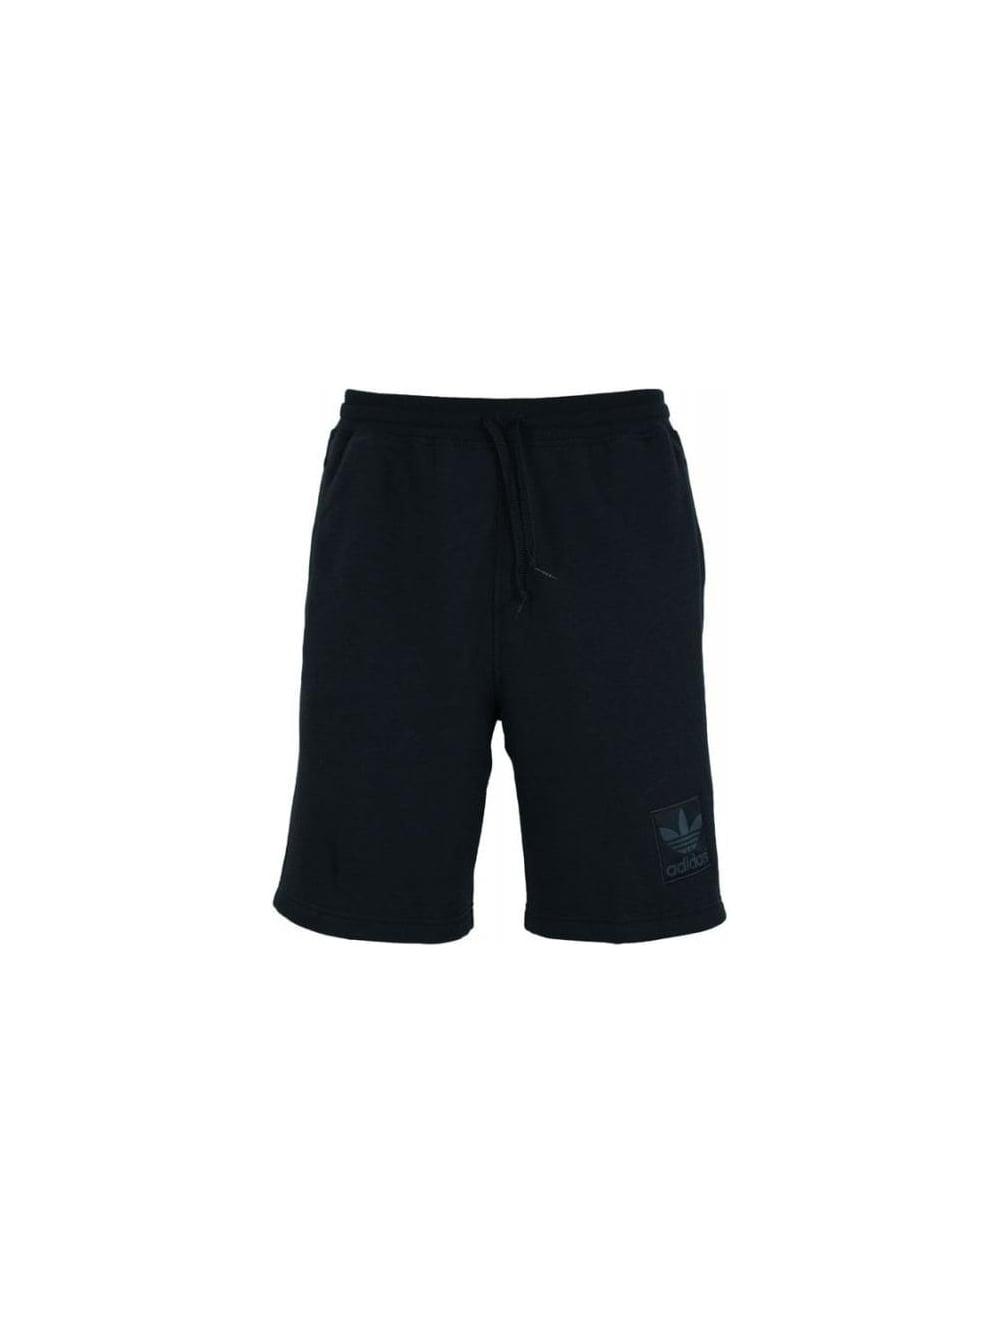 Adidas Originals Shorts Black Essentials Sport TF1Jl3cK